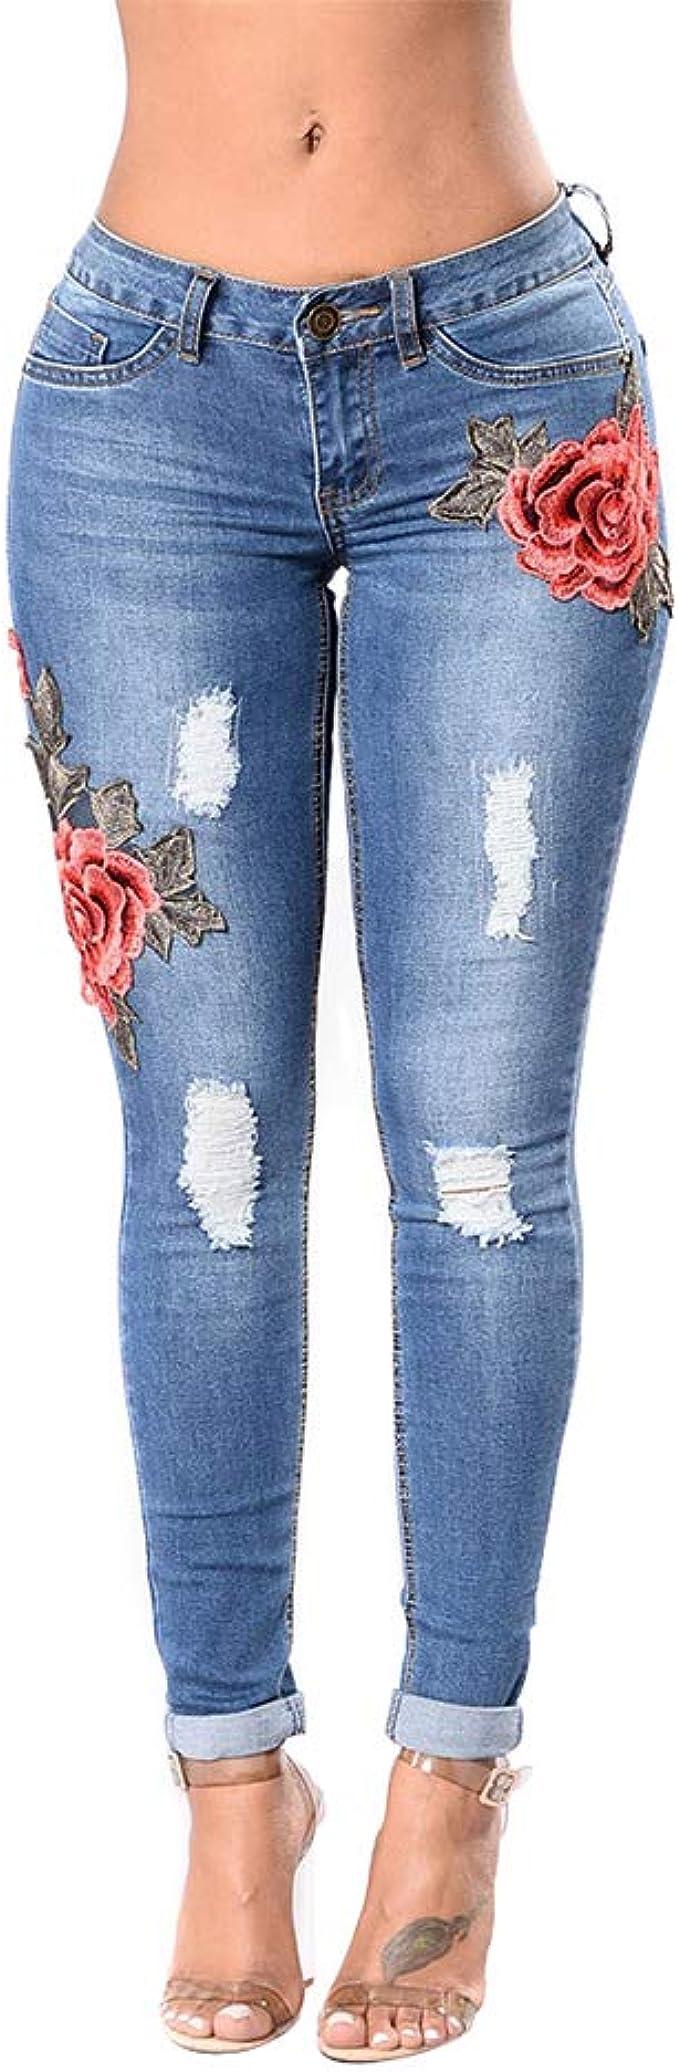 Hopin Jeans Attillati Strappati Skinny da Donna Jeggings Ricamati a Fiori